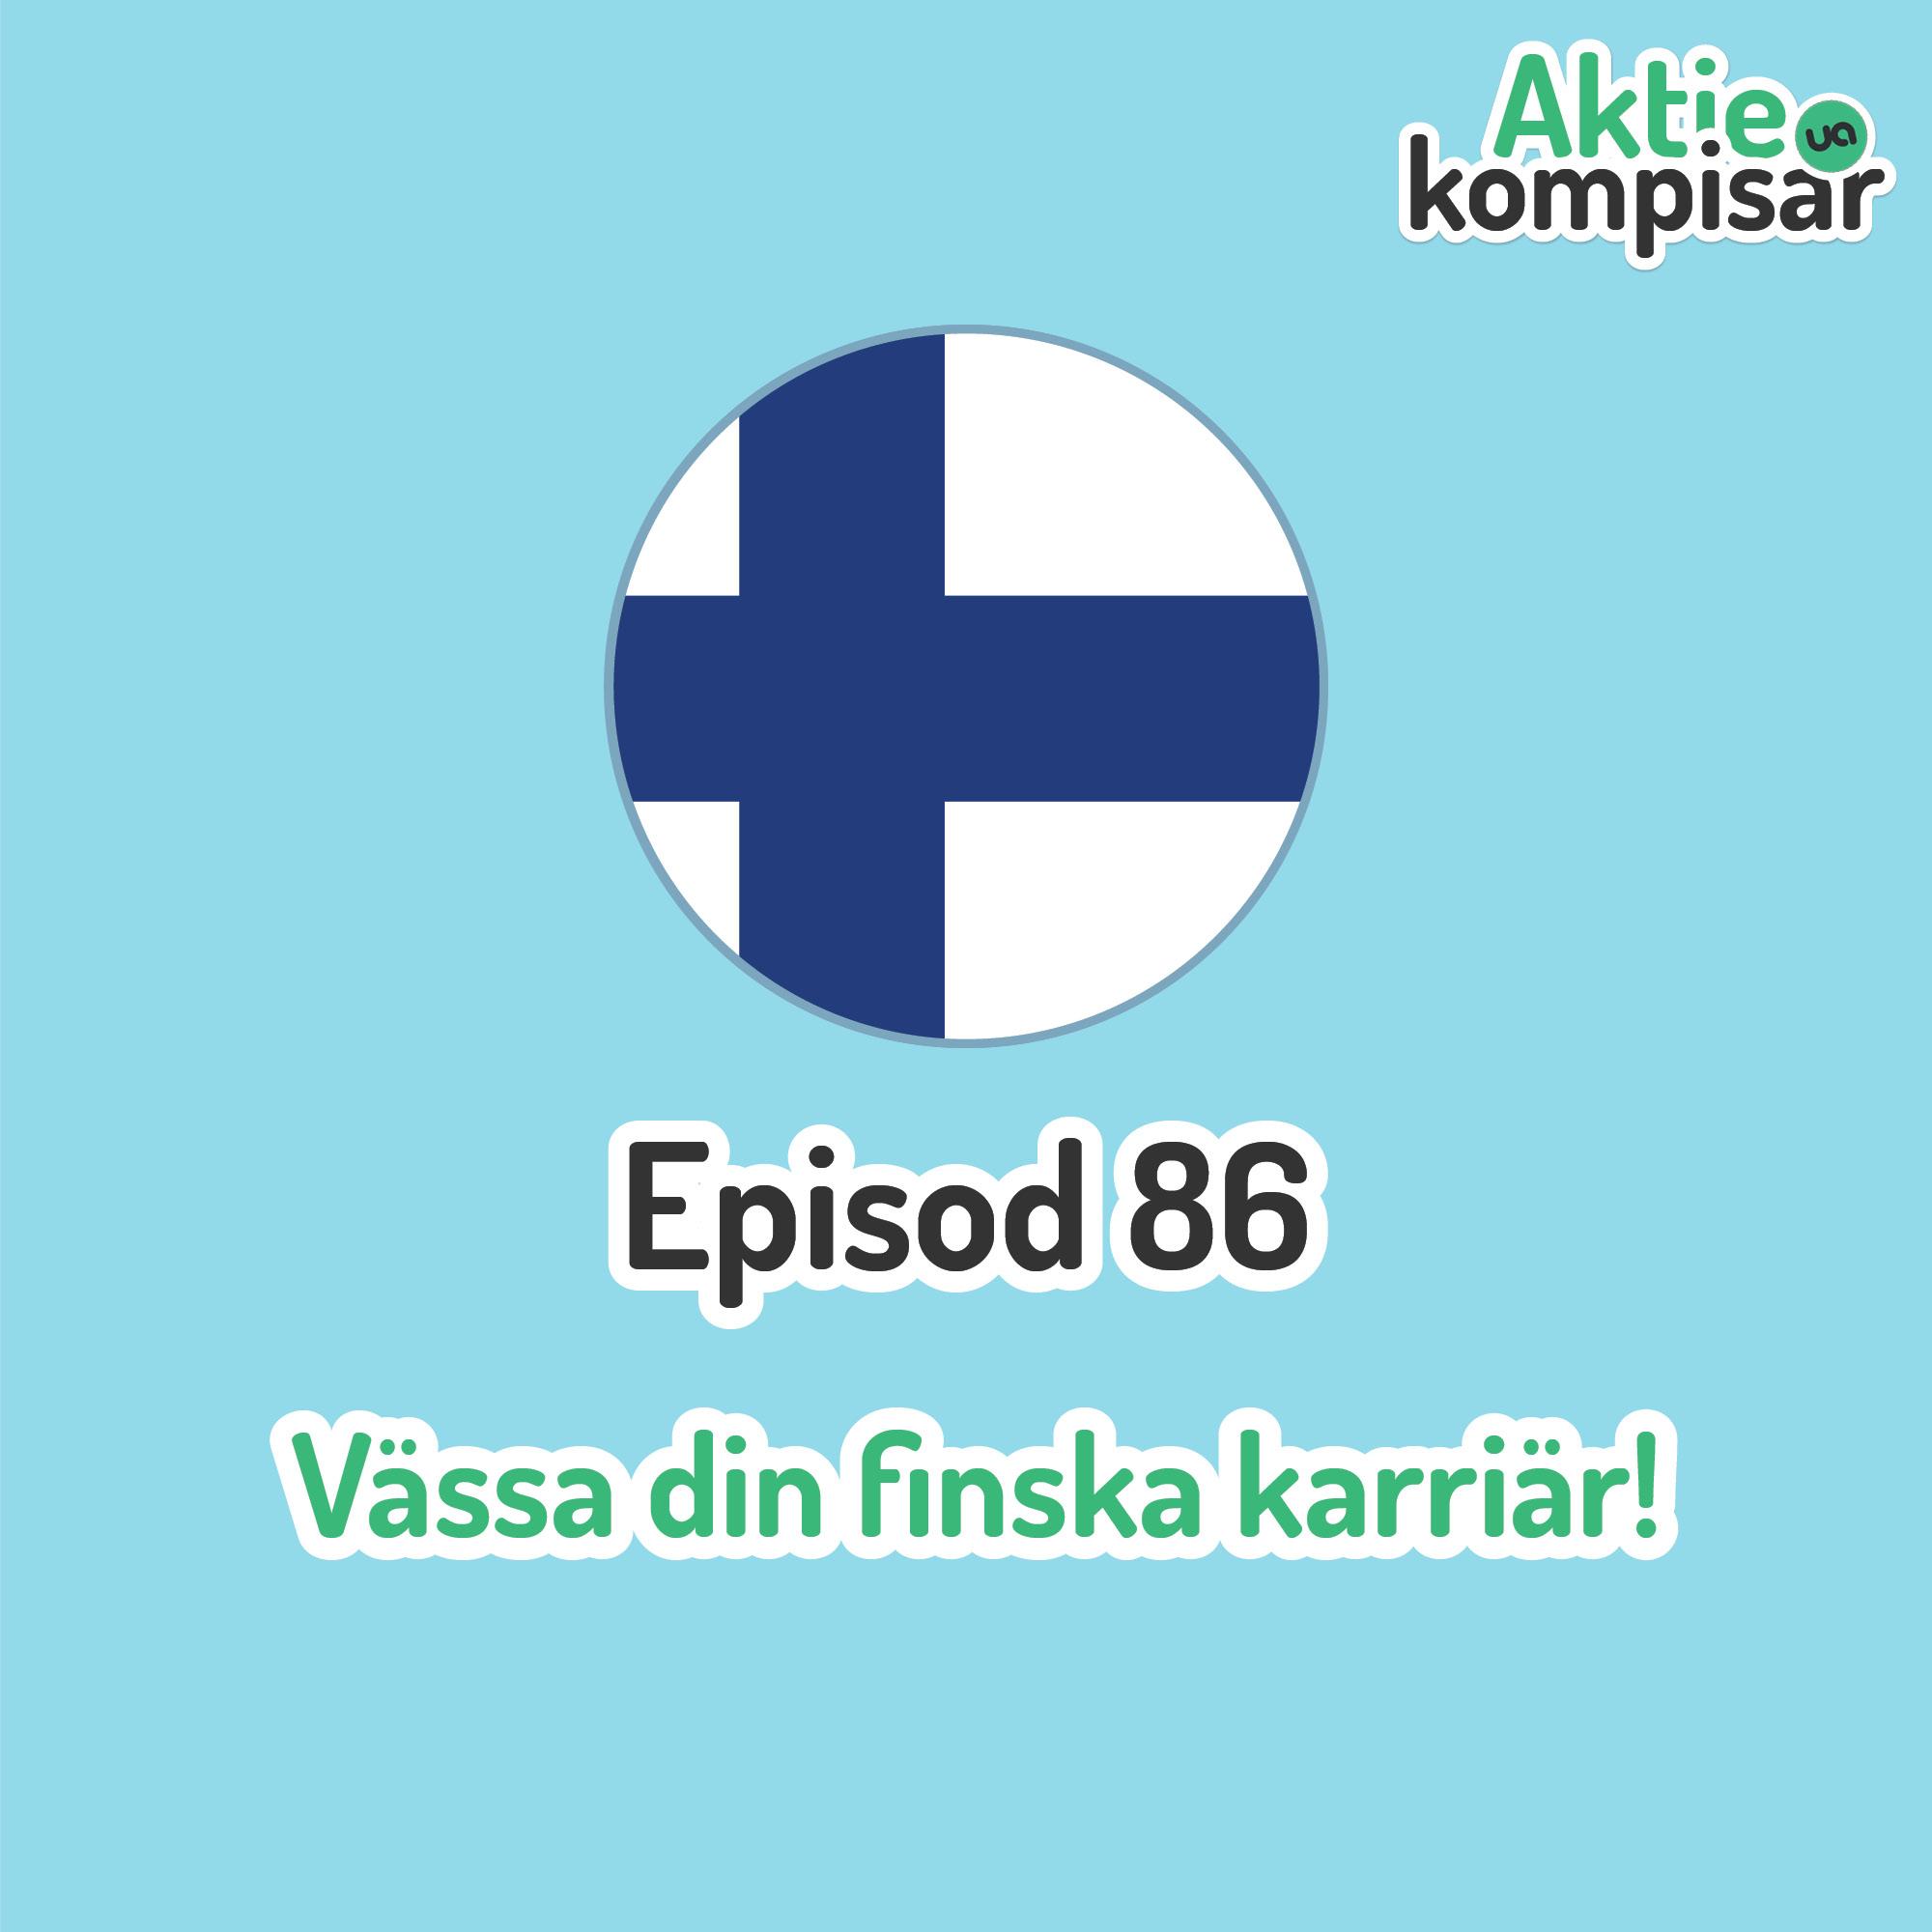 Episod 86 - Vässa din finska karriär!